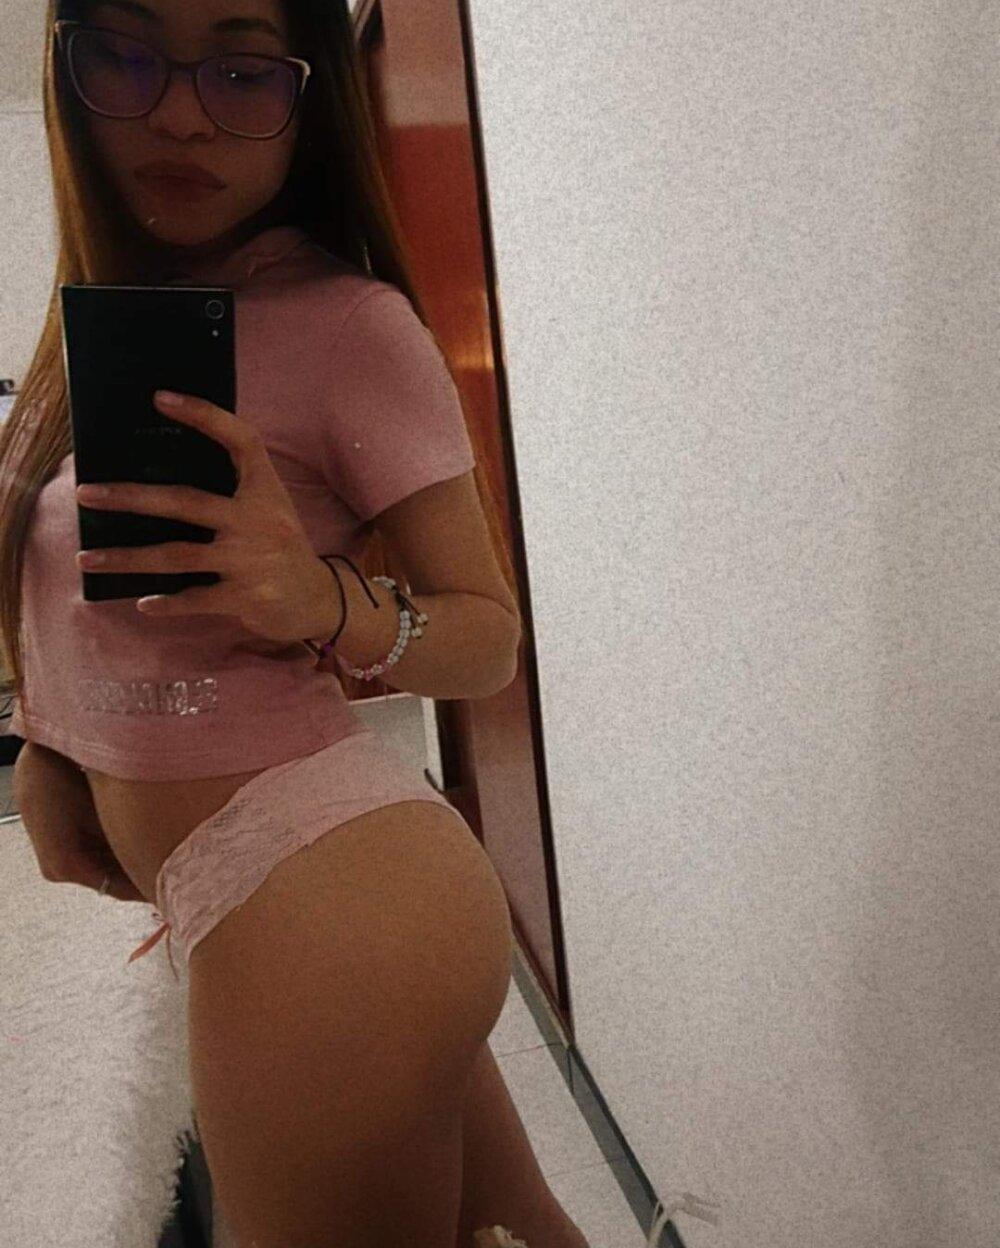 shelball_hot at StripChat